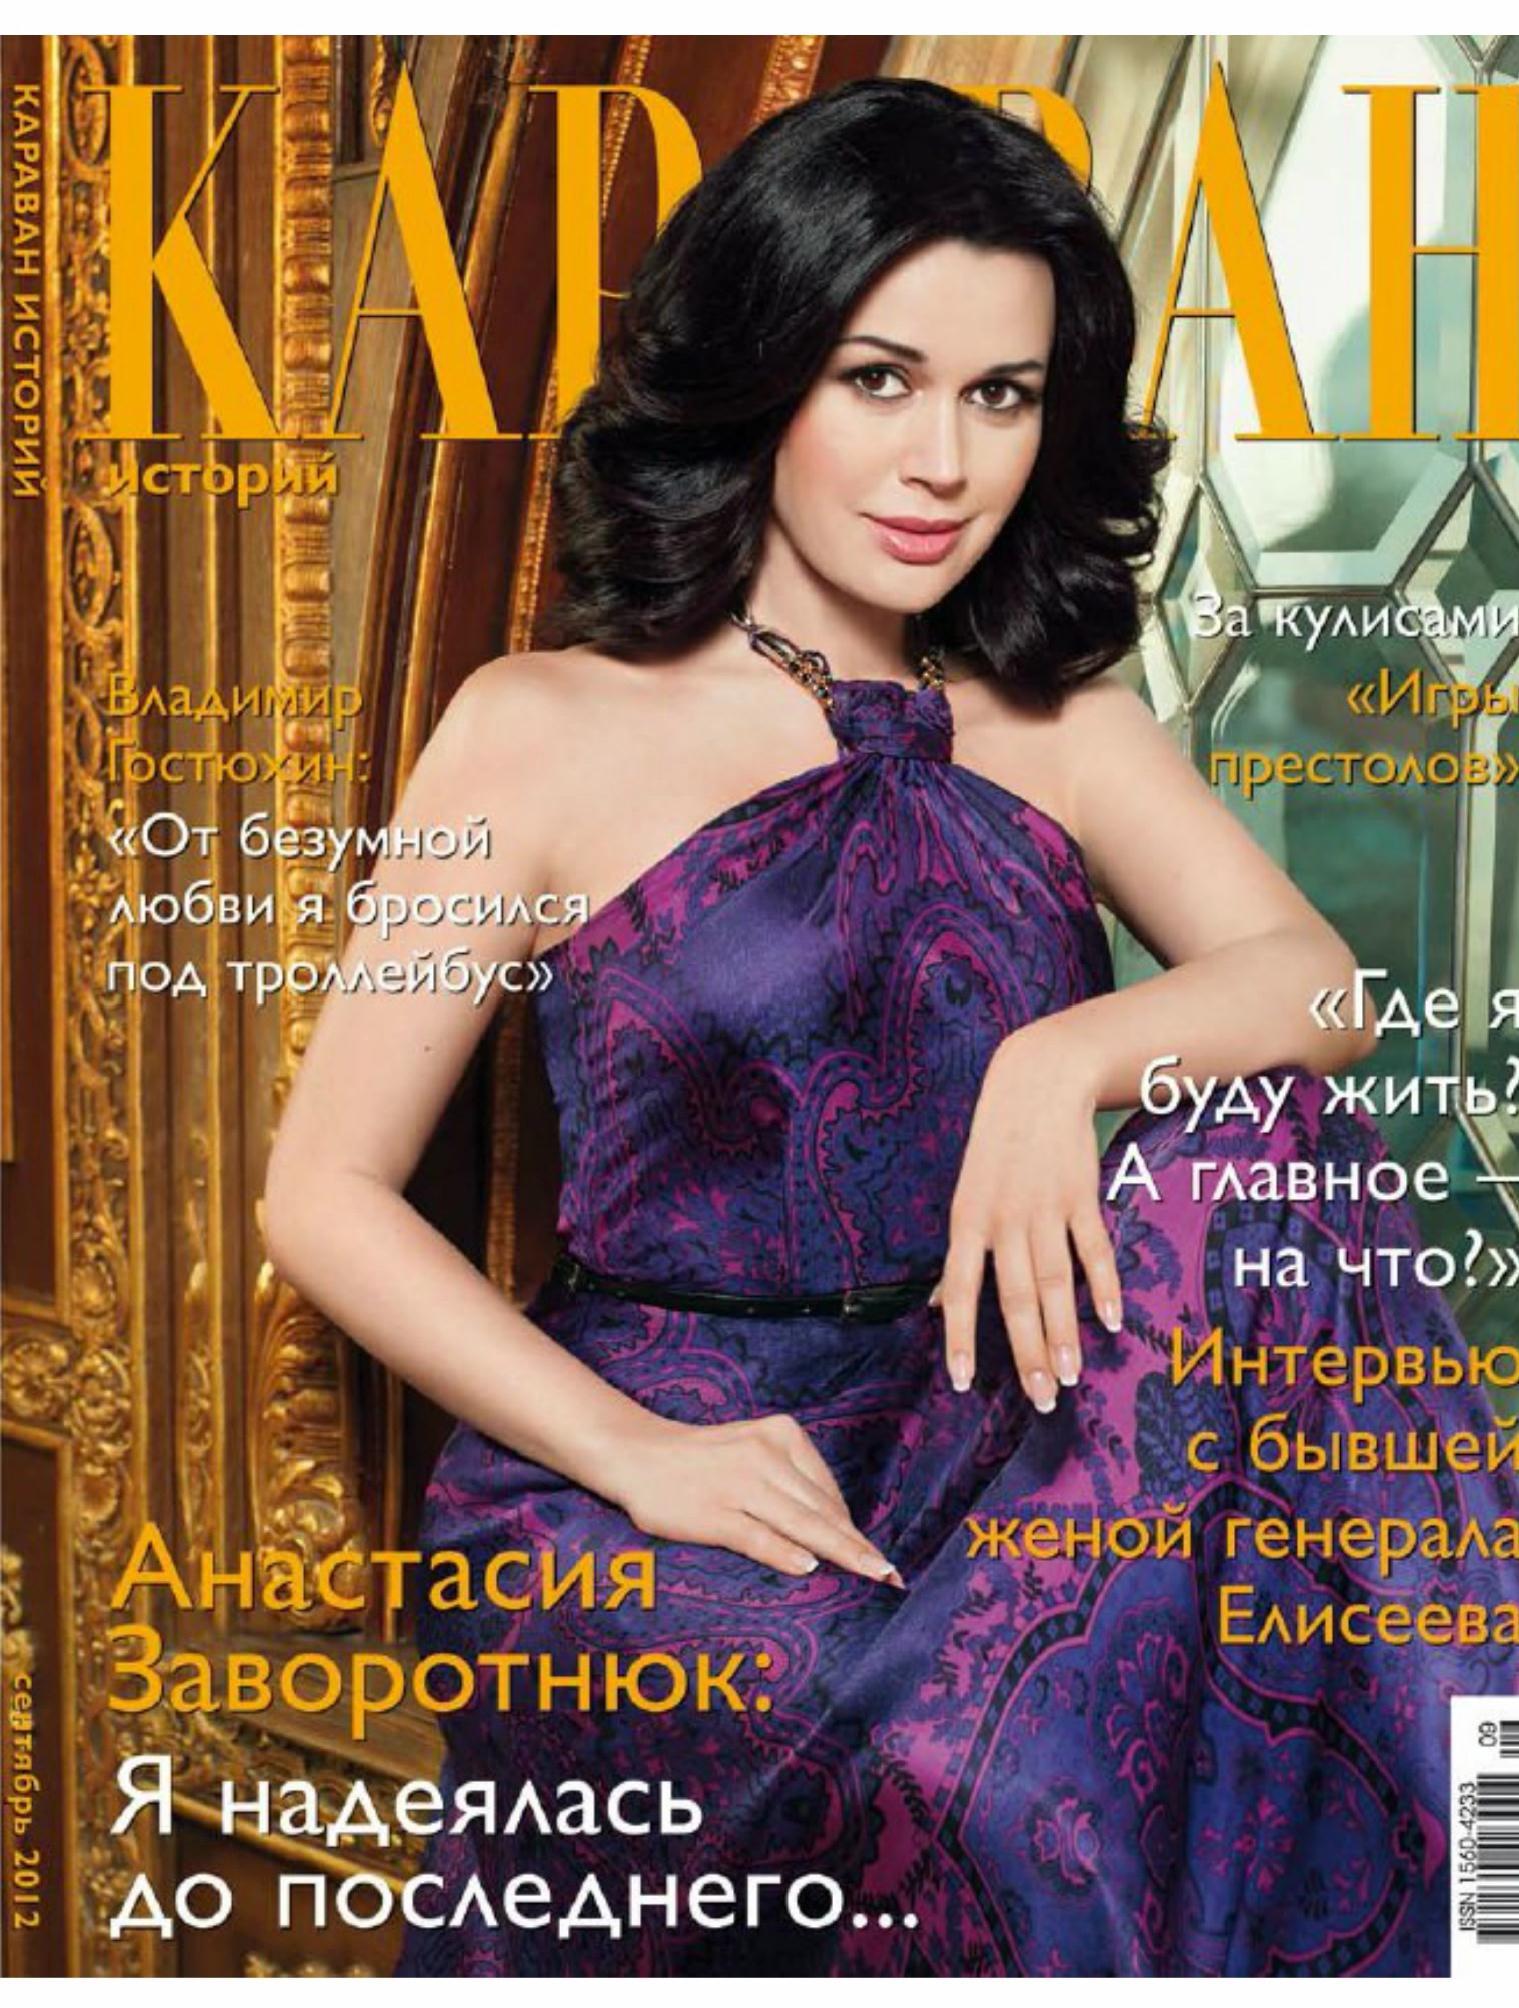 Фото из журнала настоящие жены 1 фотография